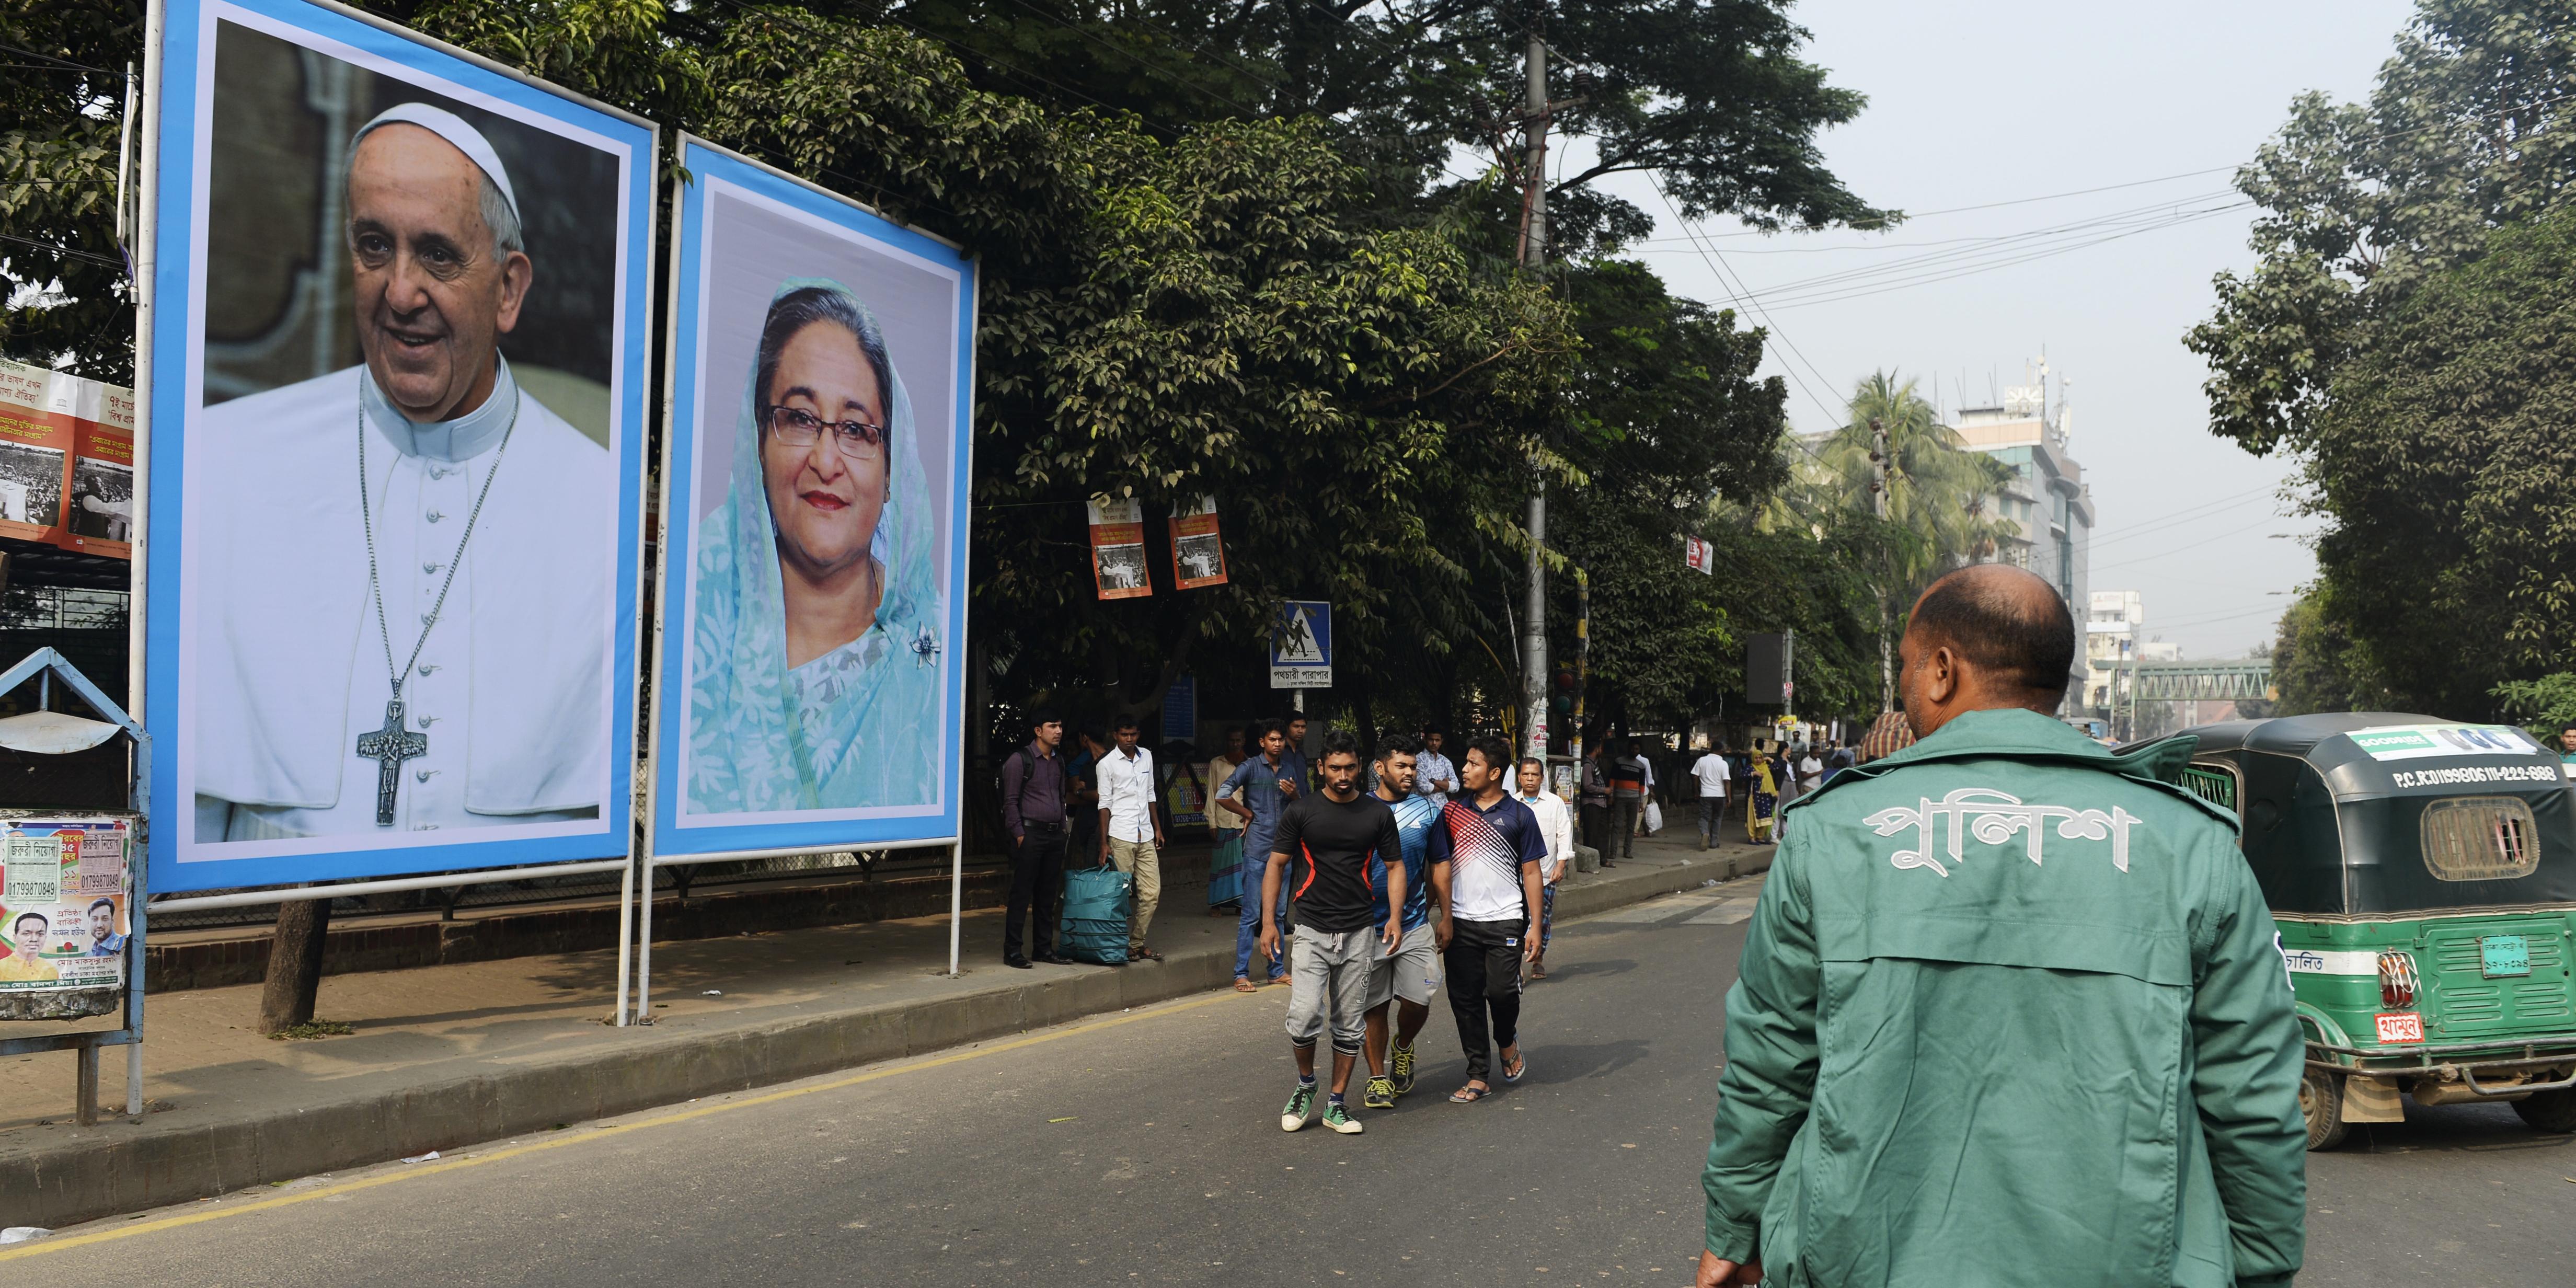 POPE BANGLADESH